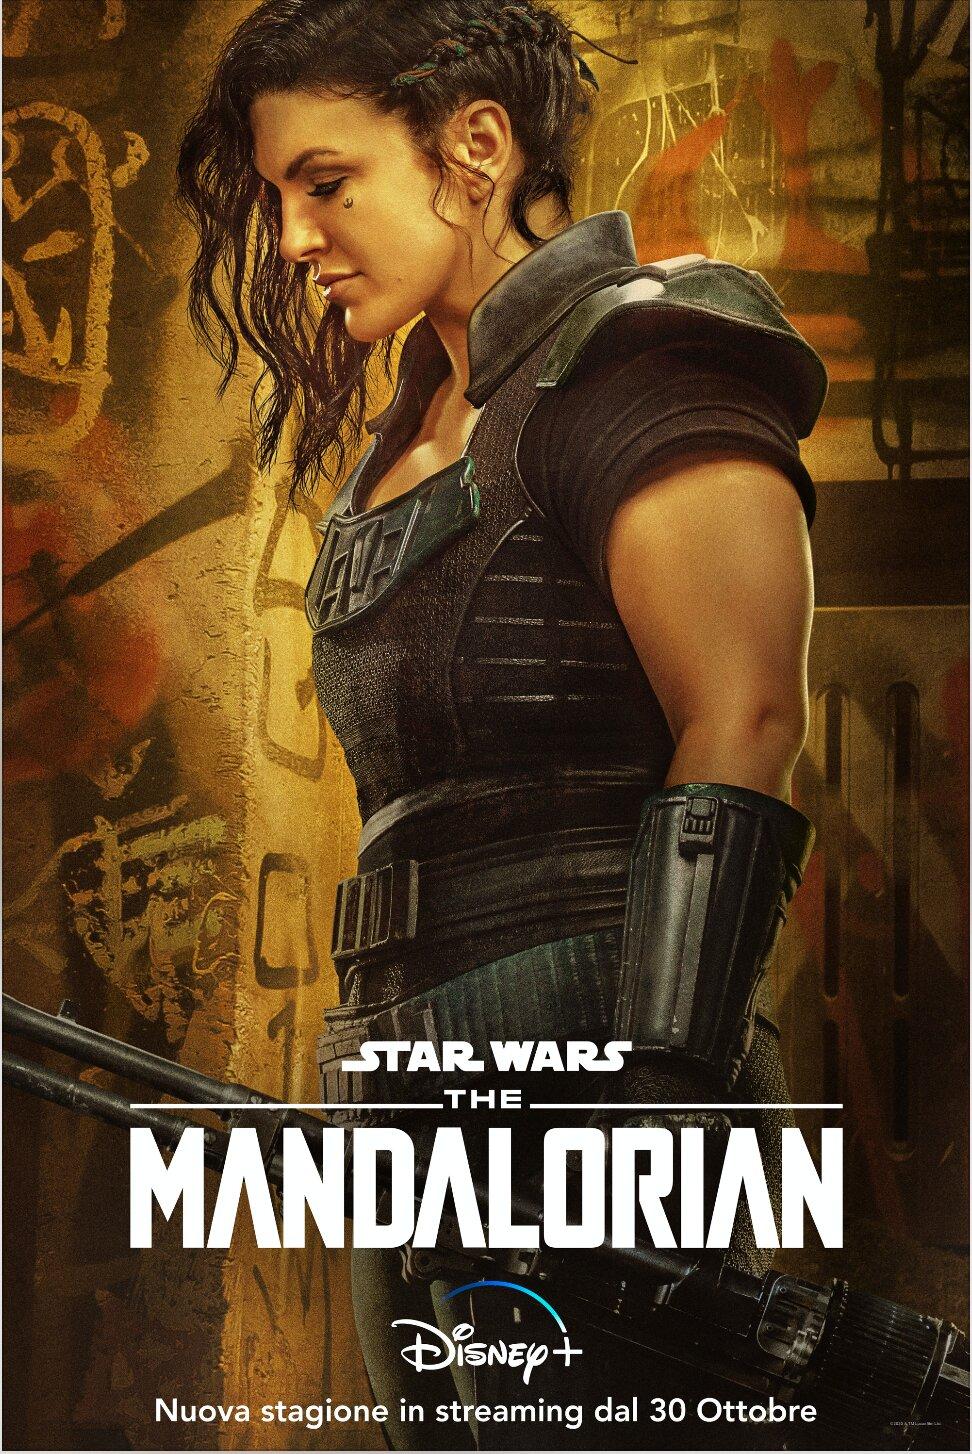 The Mandalorian 2: Gina Carano nel Character Poster della seconda stagione